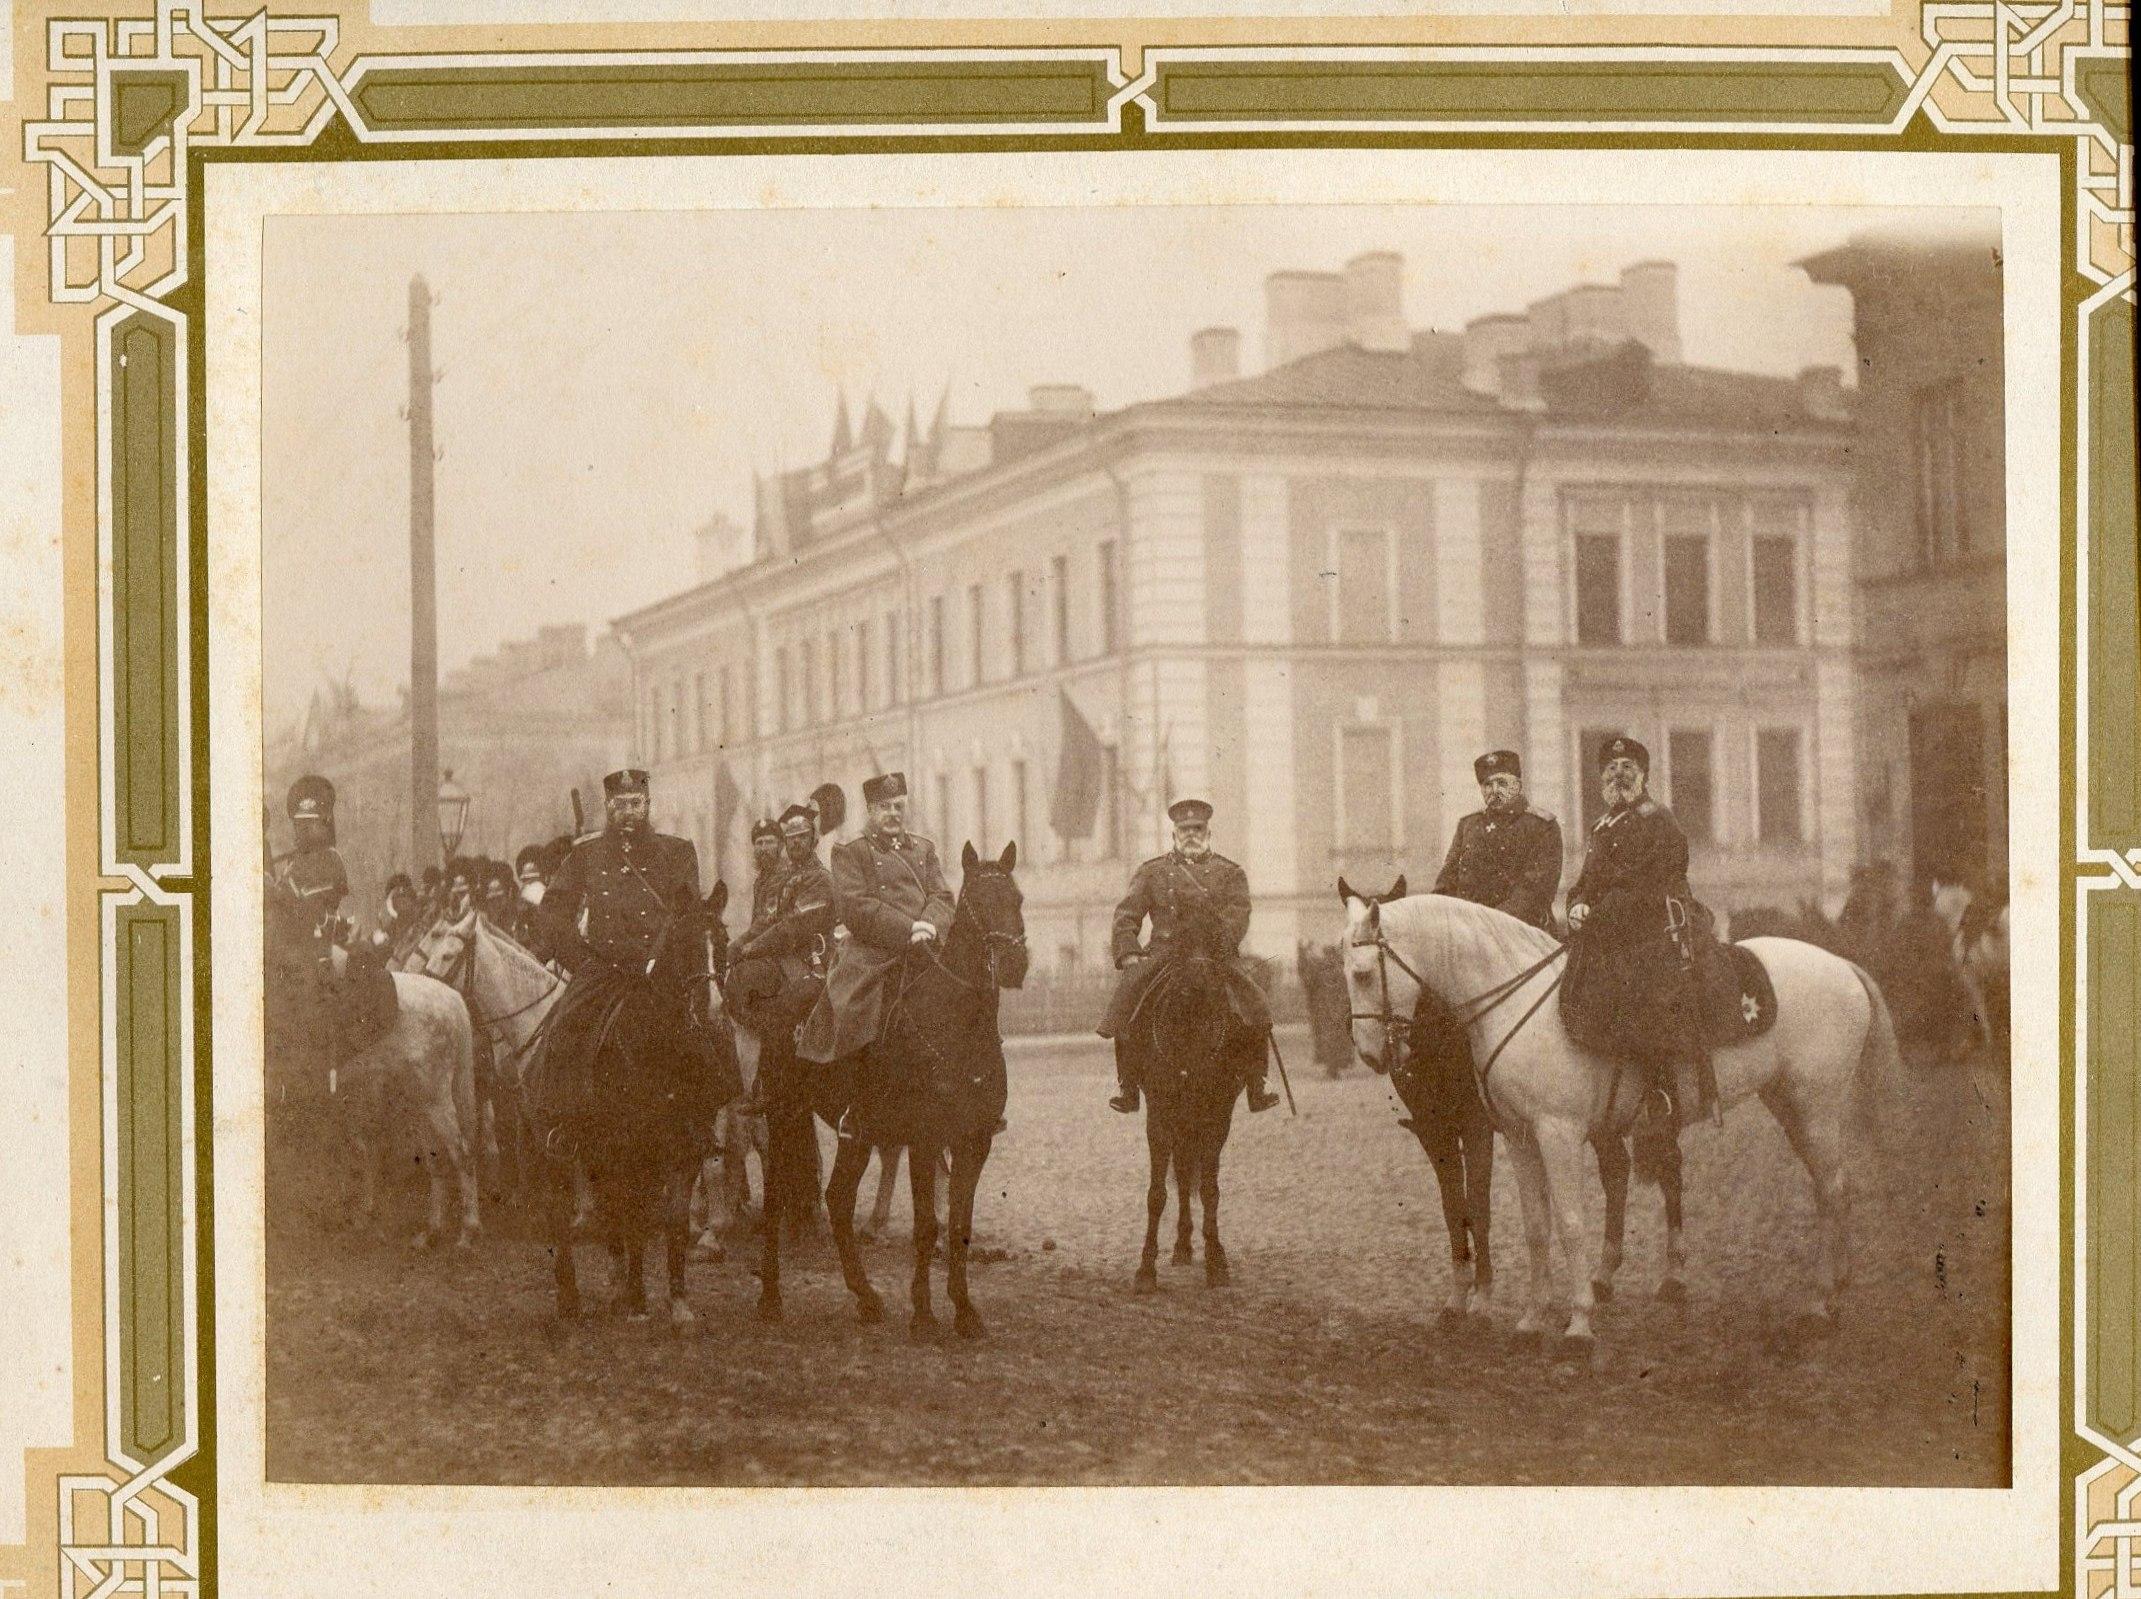 Фотография с группой генералов, кавалеров ордена св.Георгия III-IV ст.